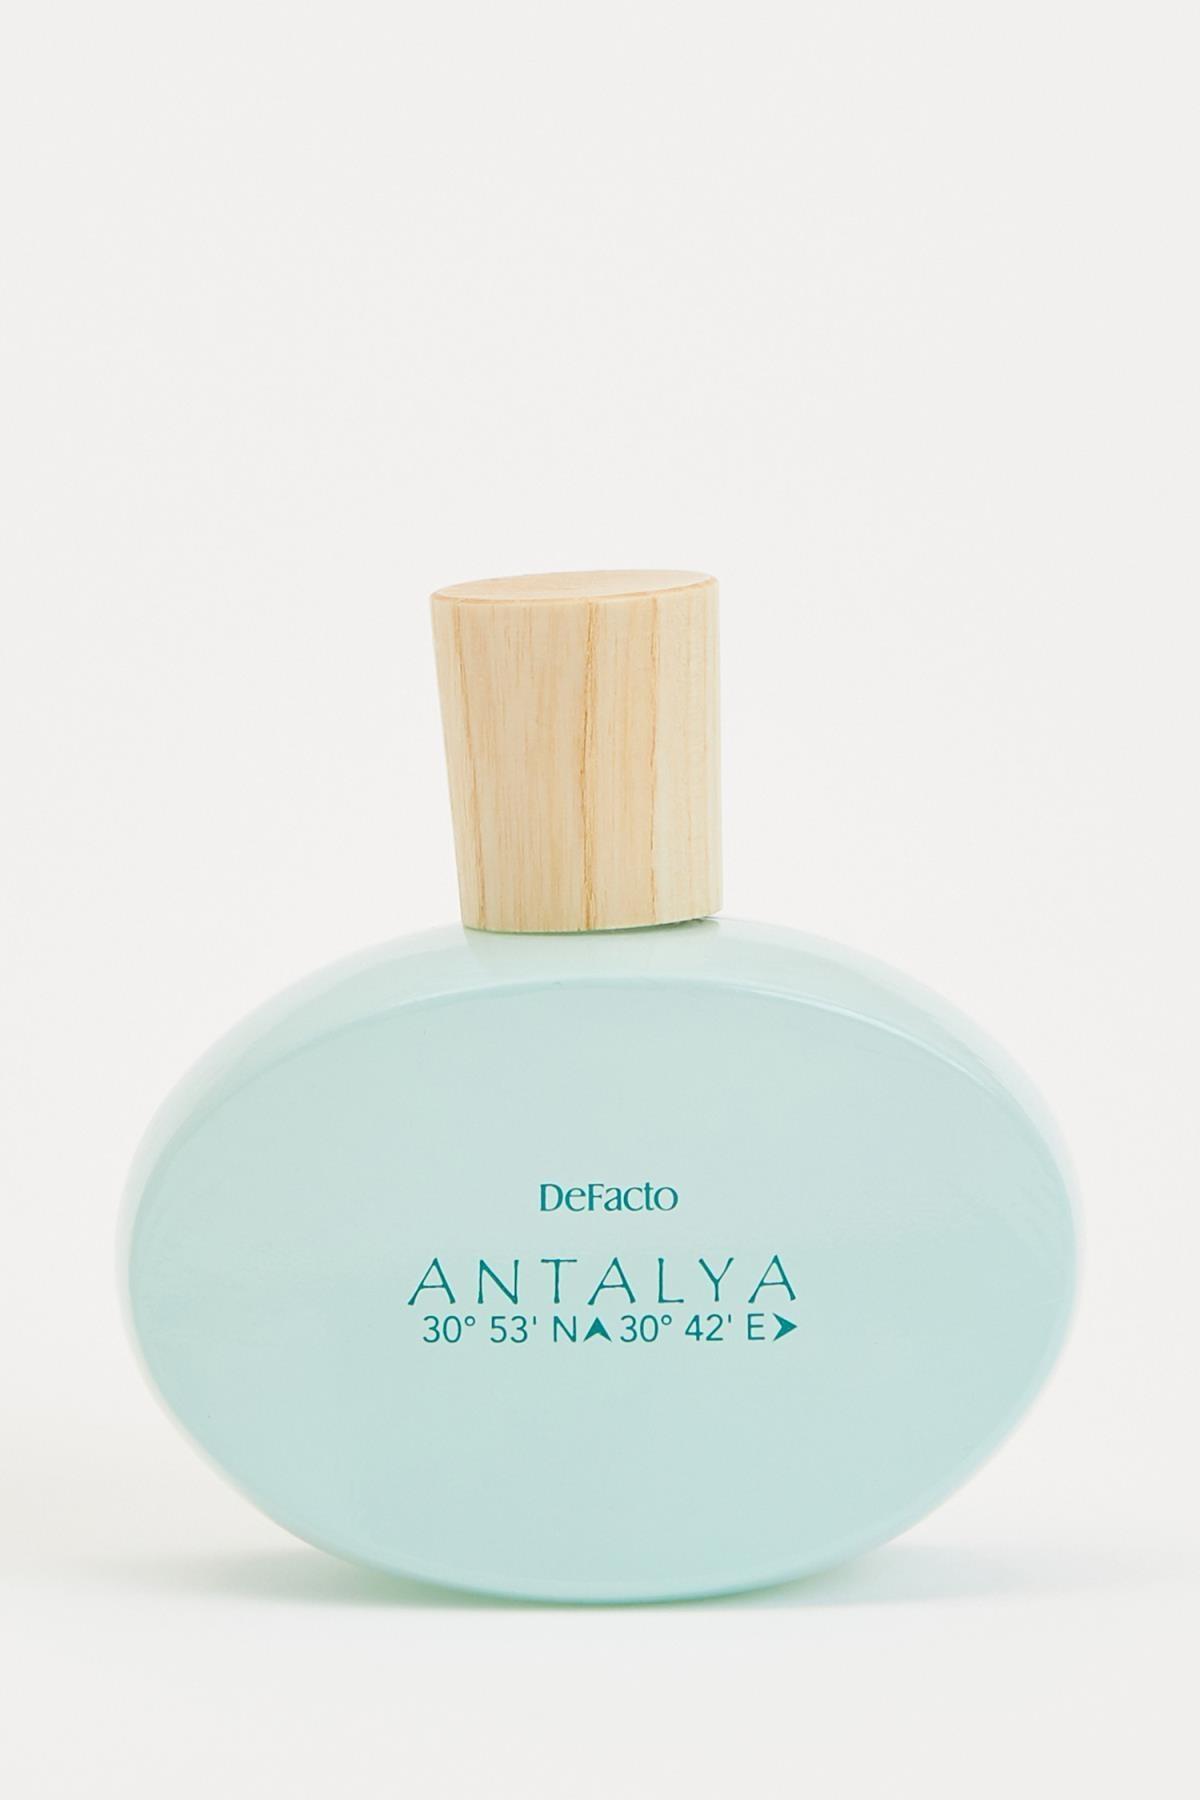 DeFacto Kadın Kadın Parfüm Antalya 100 Ml R4701AZNSGN1